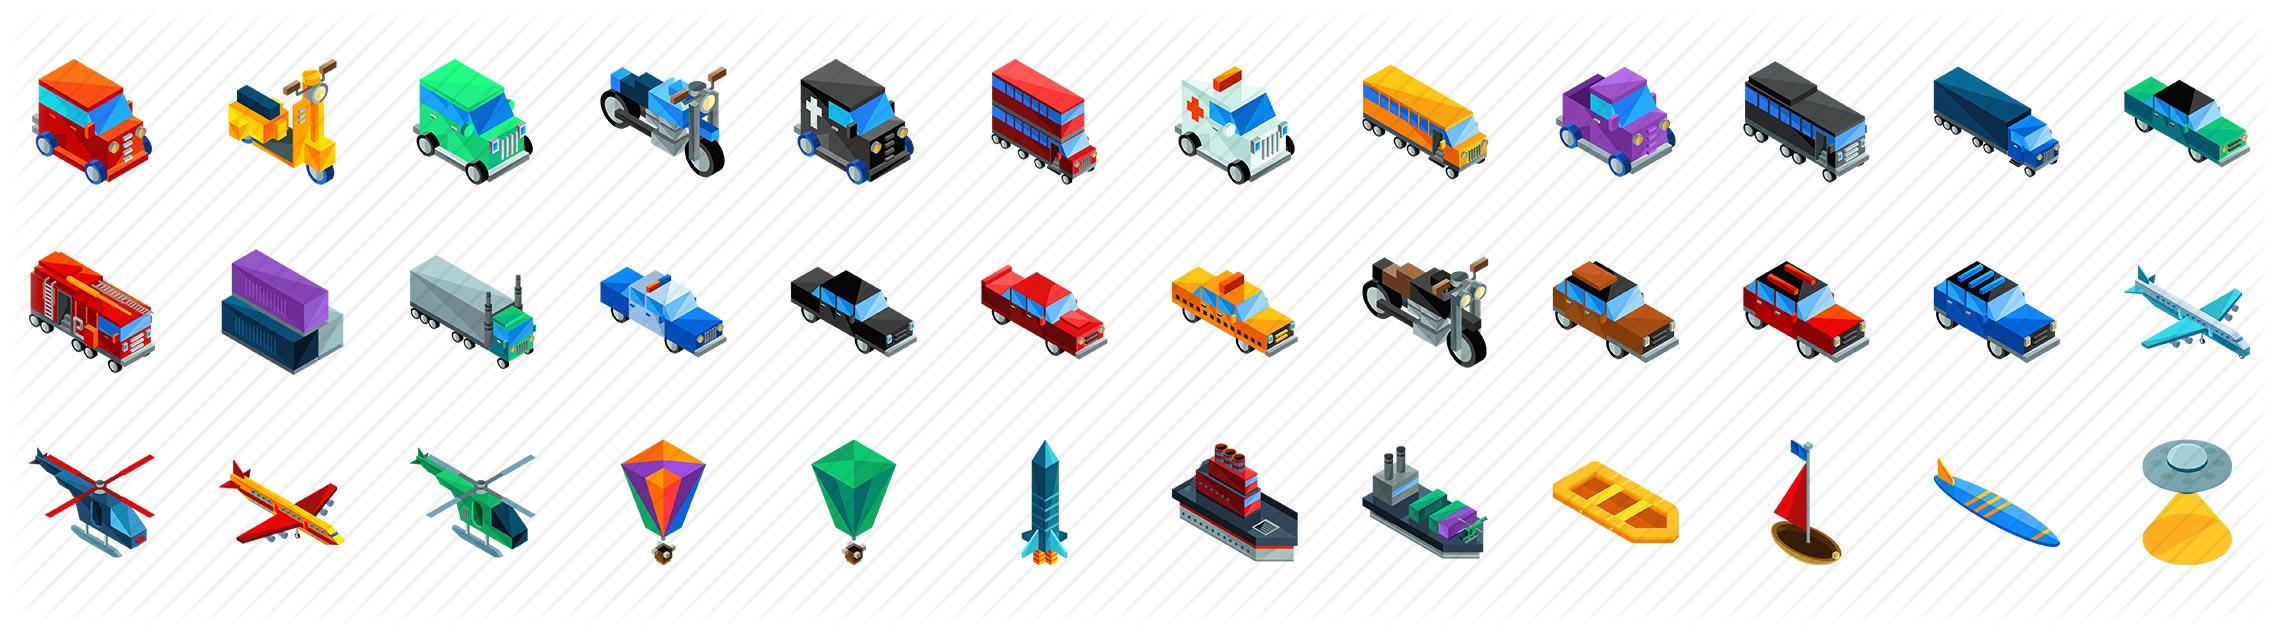 Transportation Isometric Icons